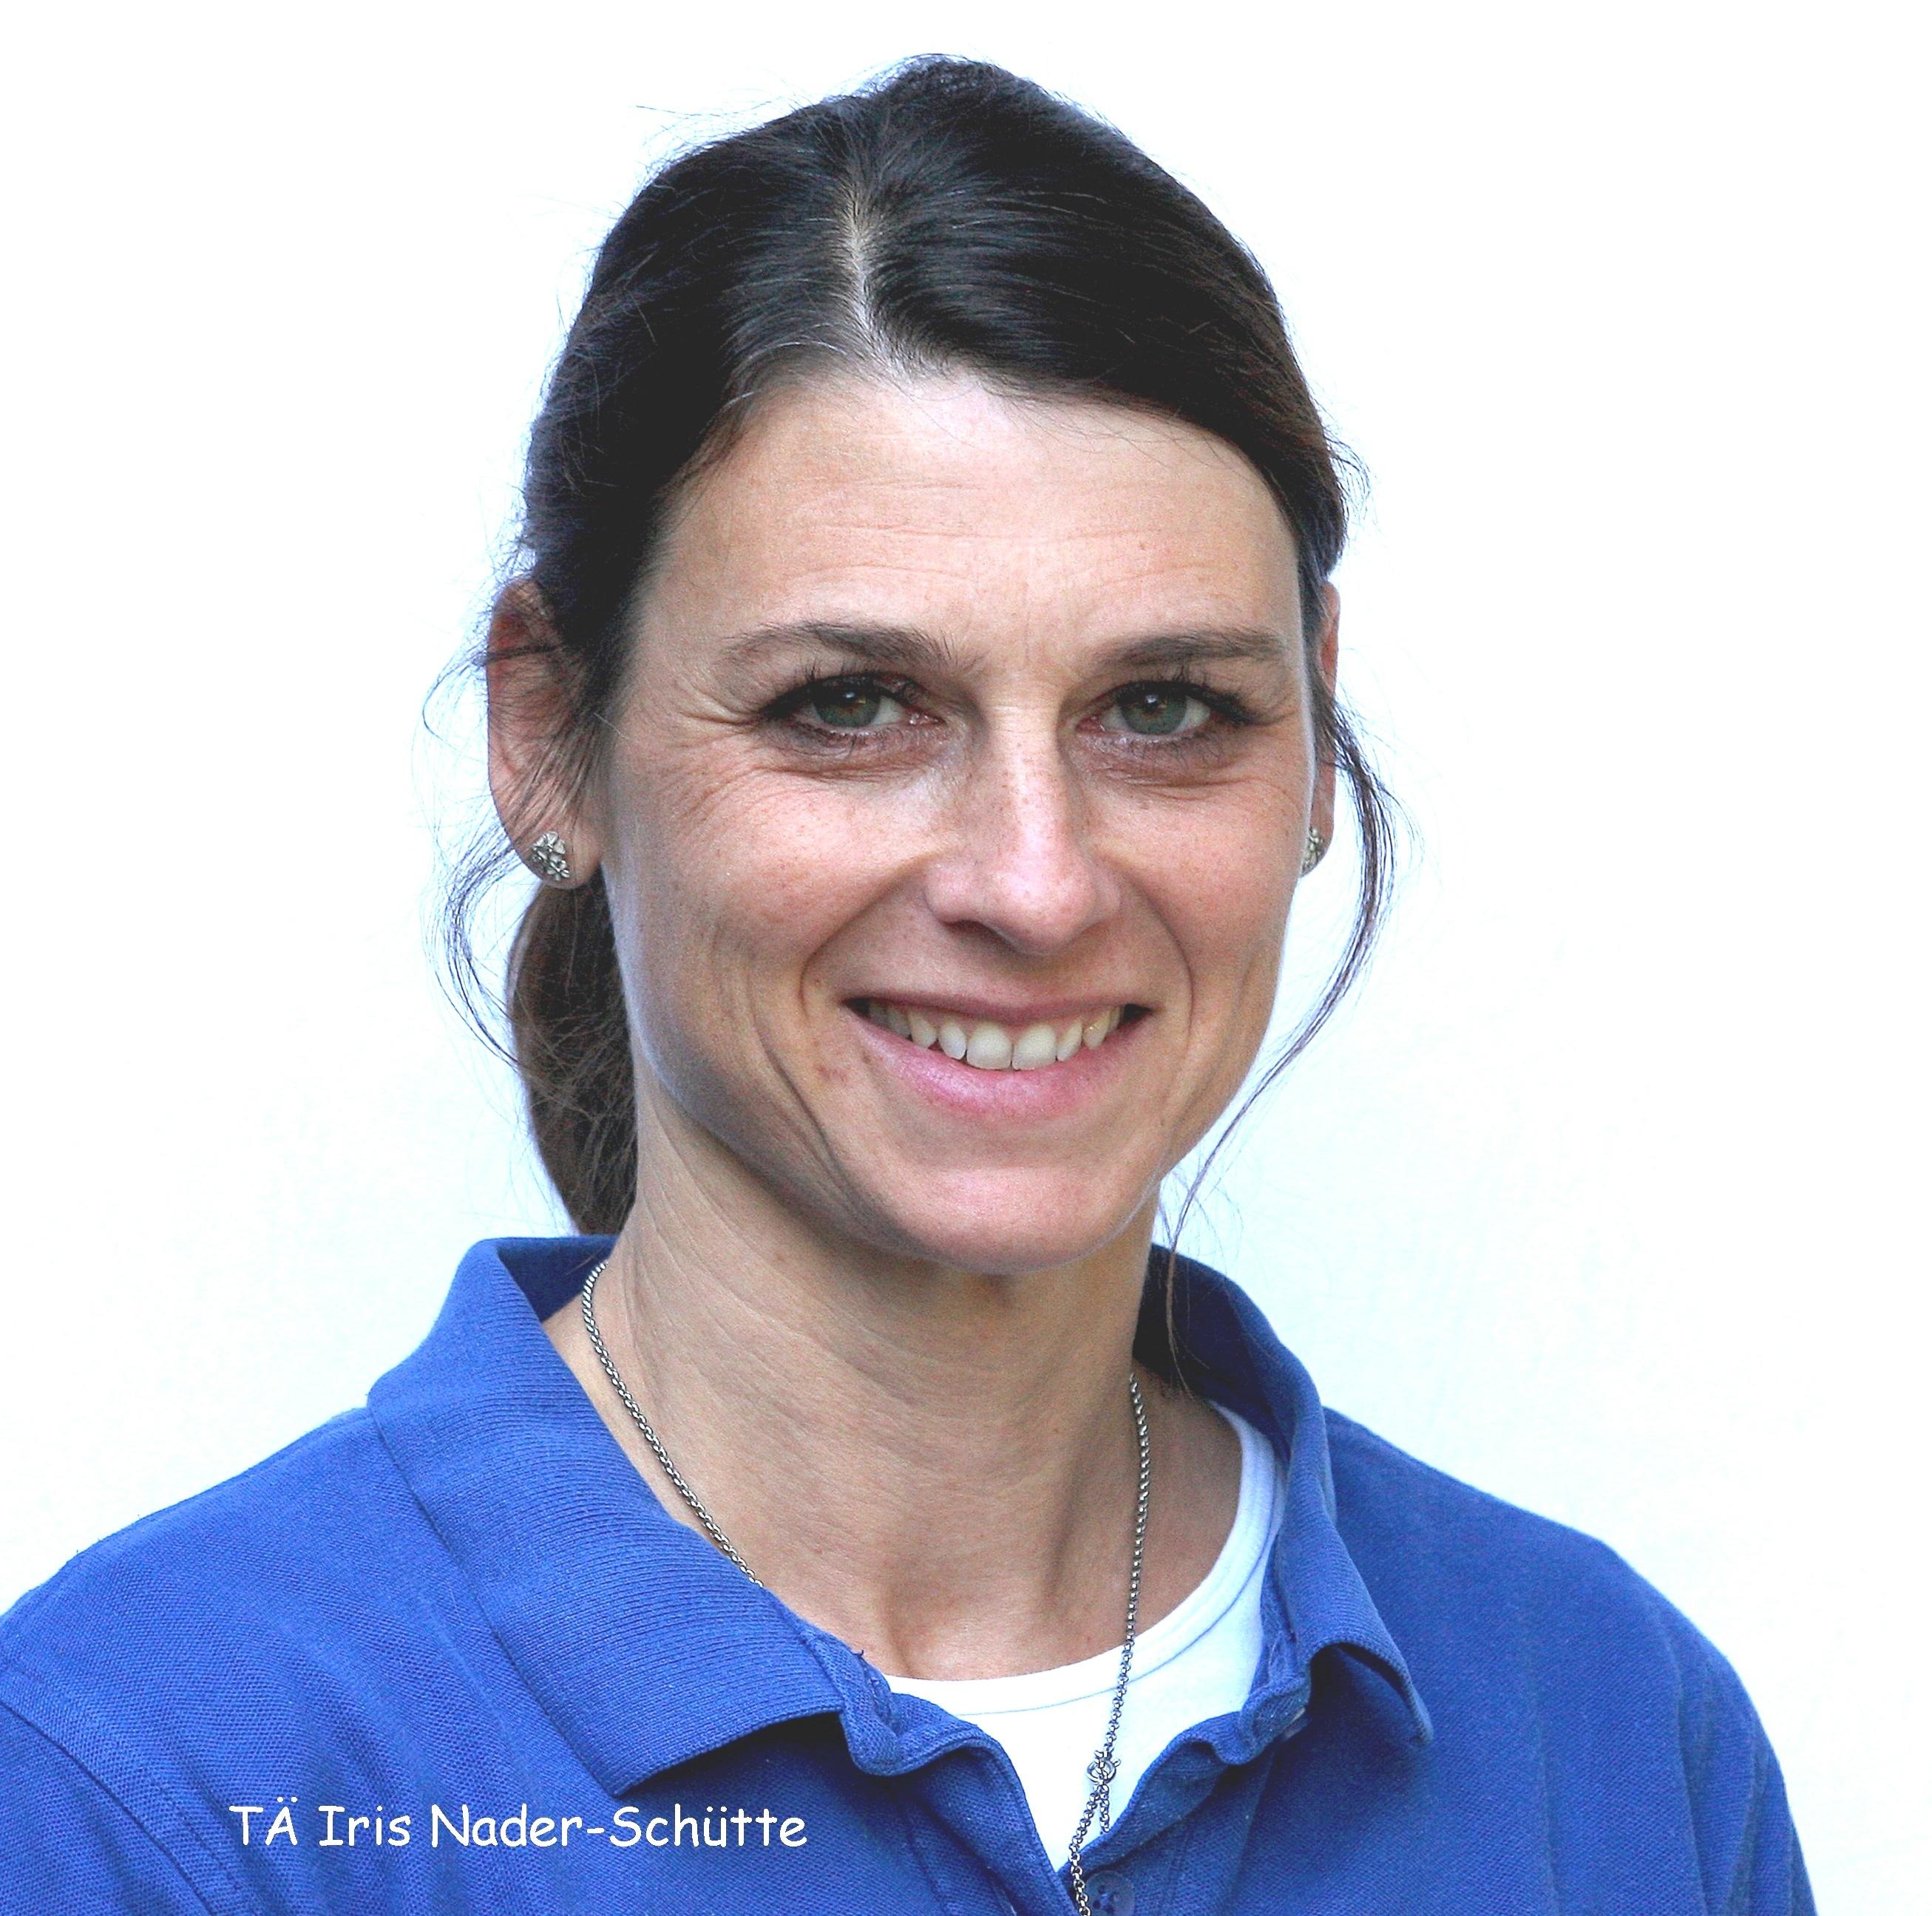 Iris Nader-Schütte